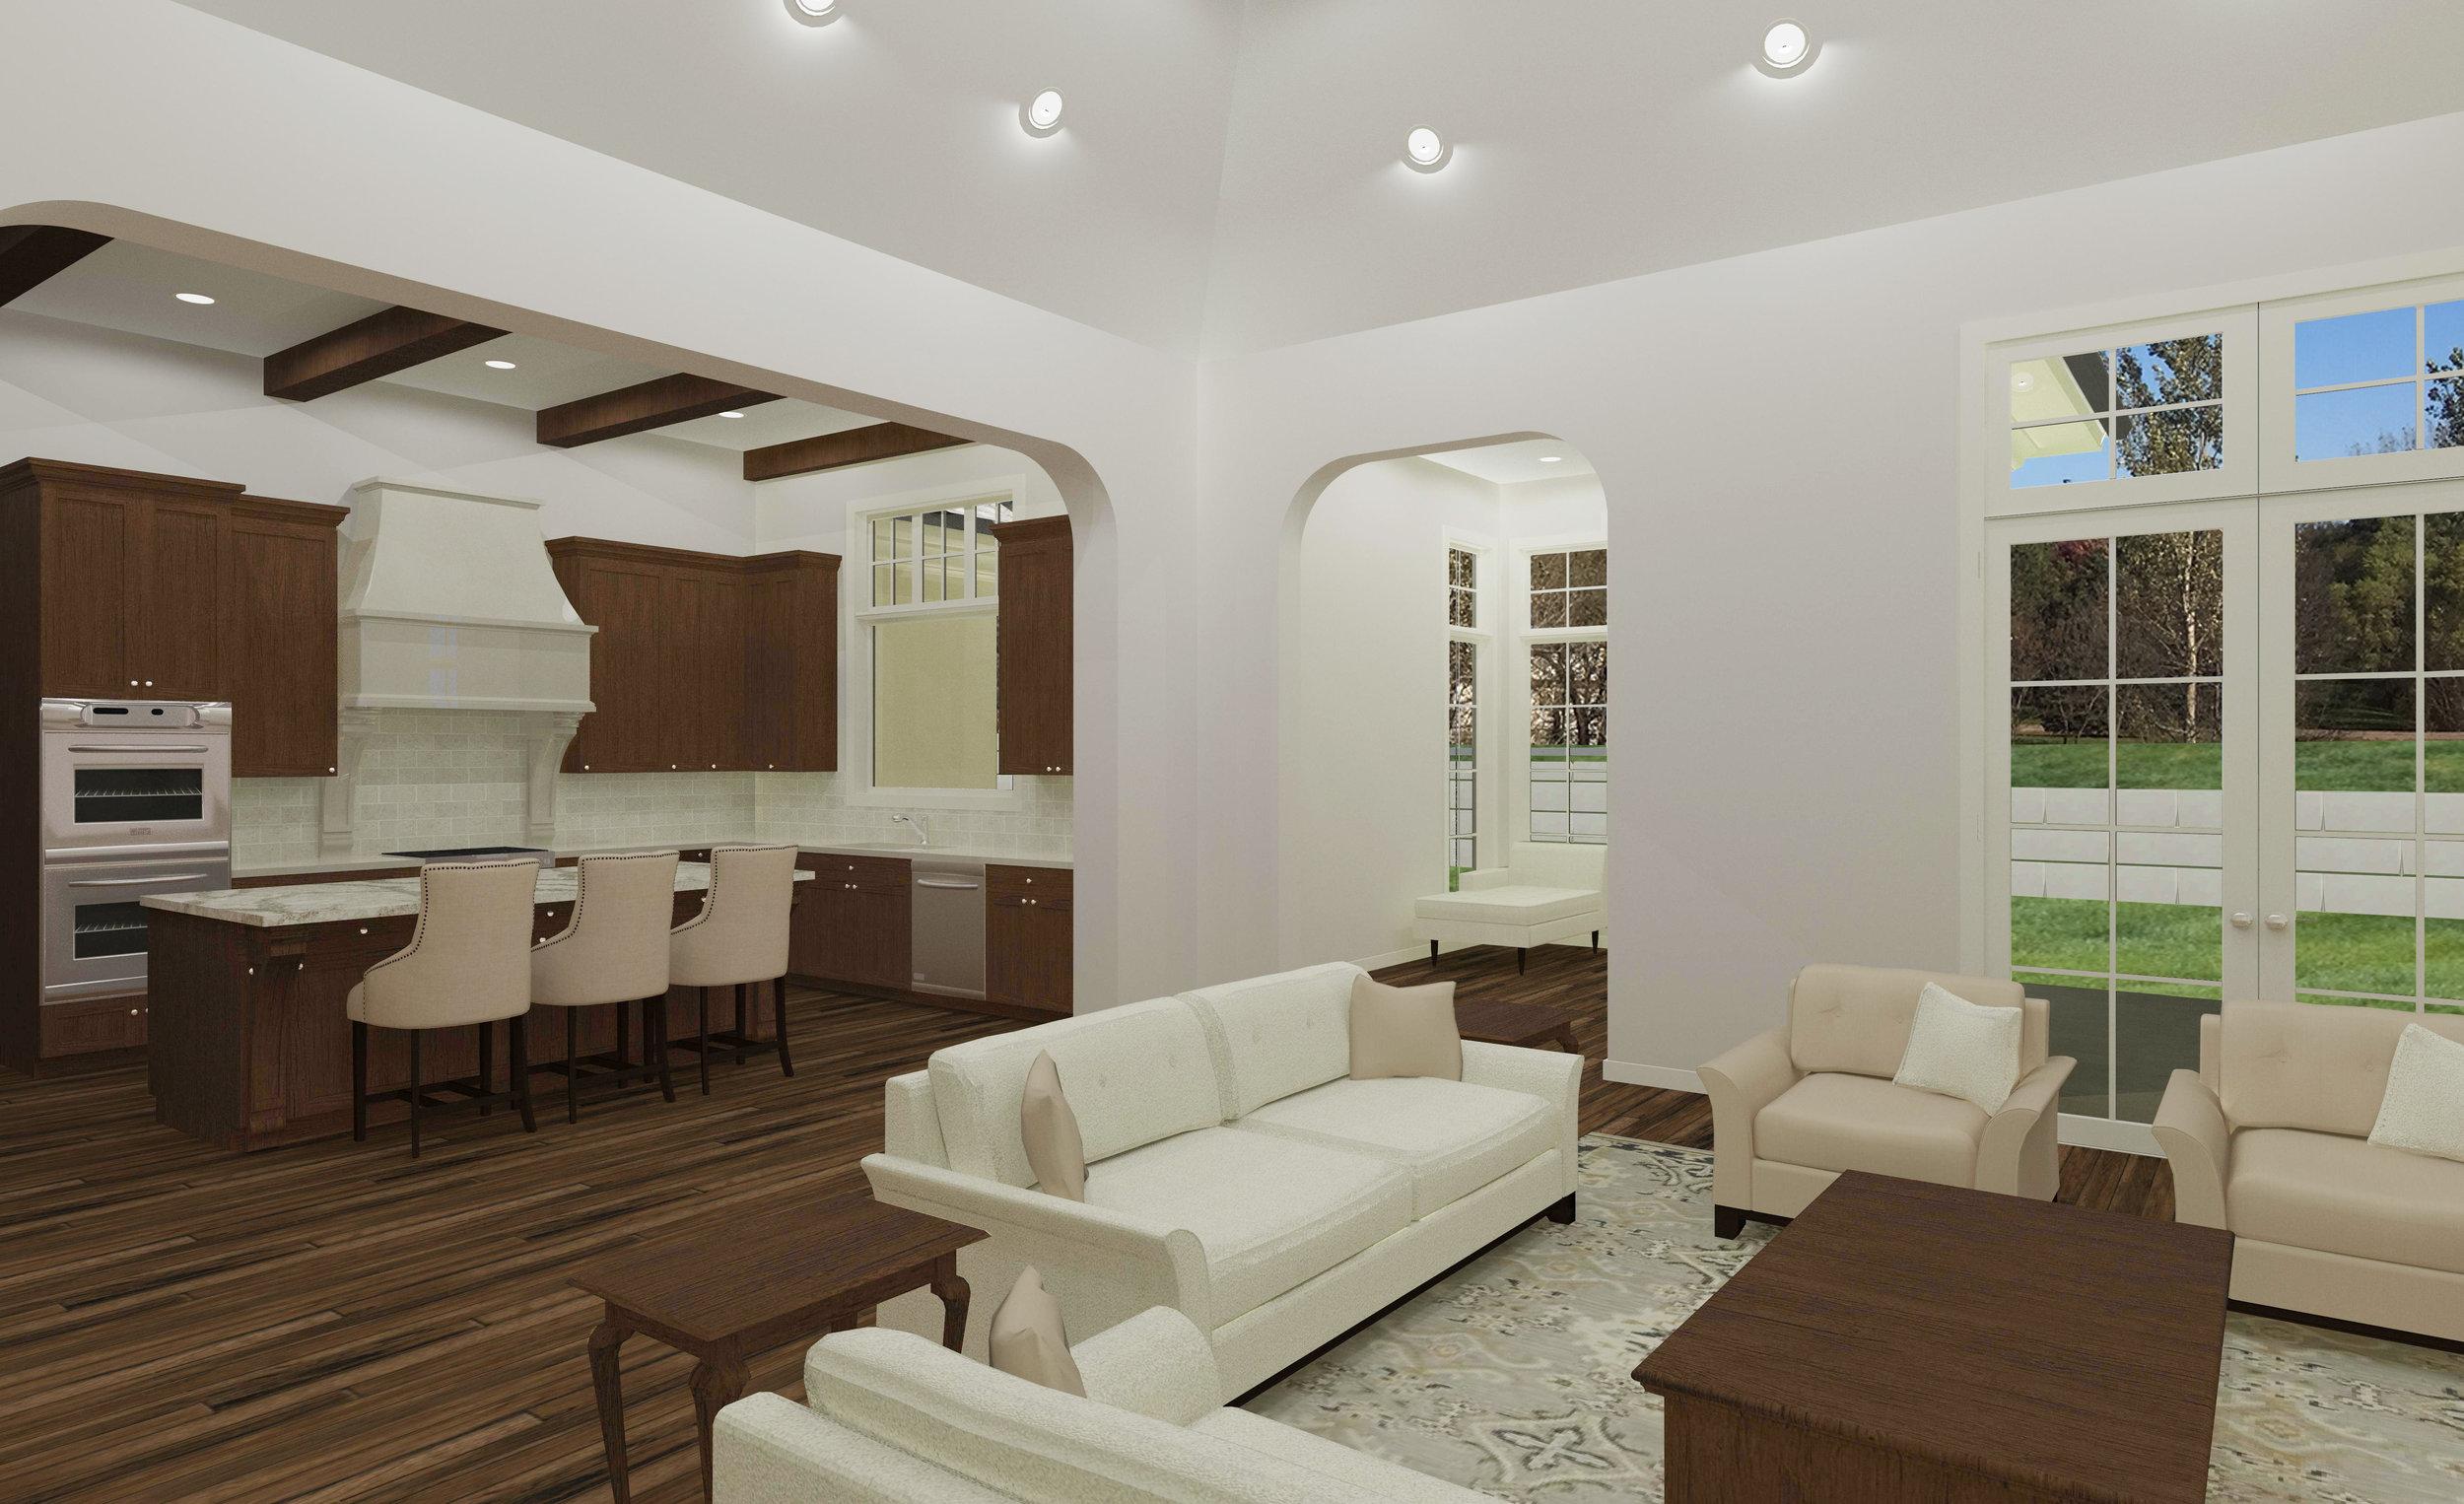 interior FINAL.jpg